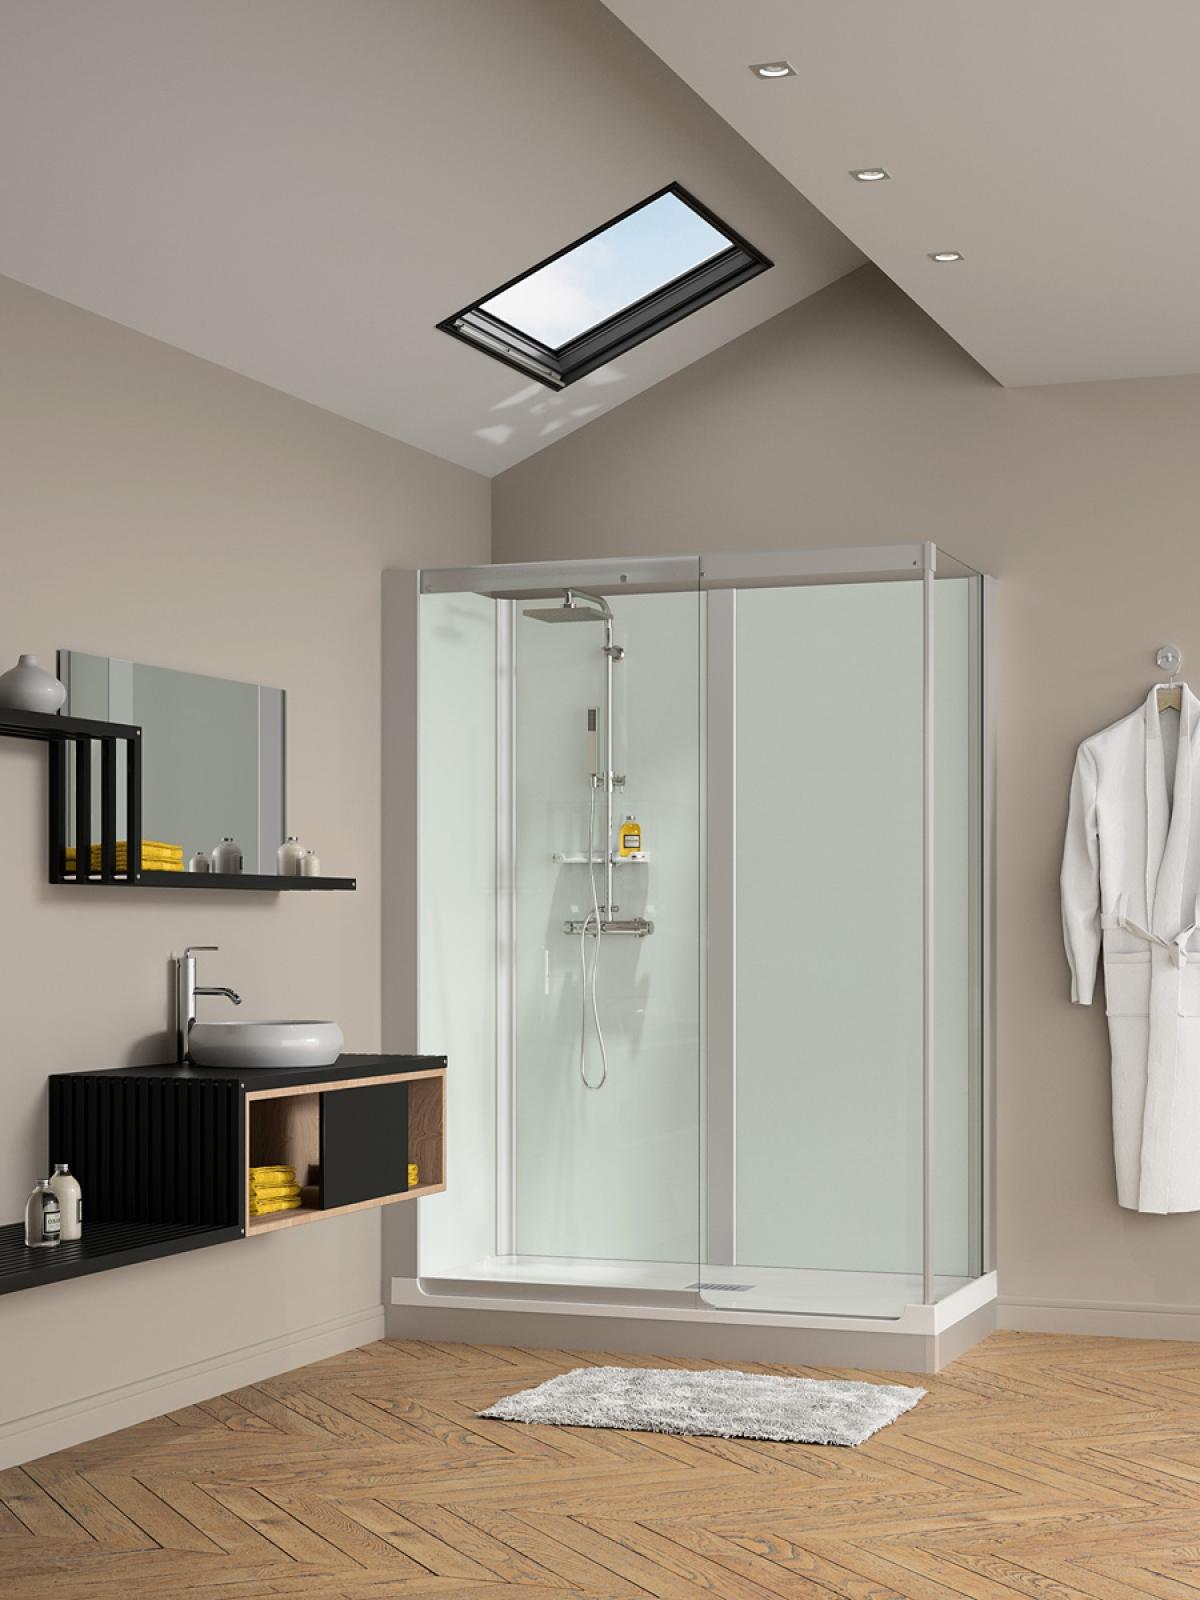 Cabine de douche kinemagic design kinedo induscabel salle de bains chau - Cabine douche design ...